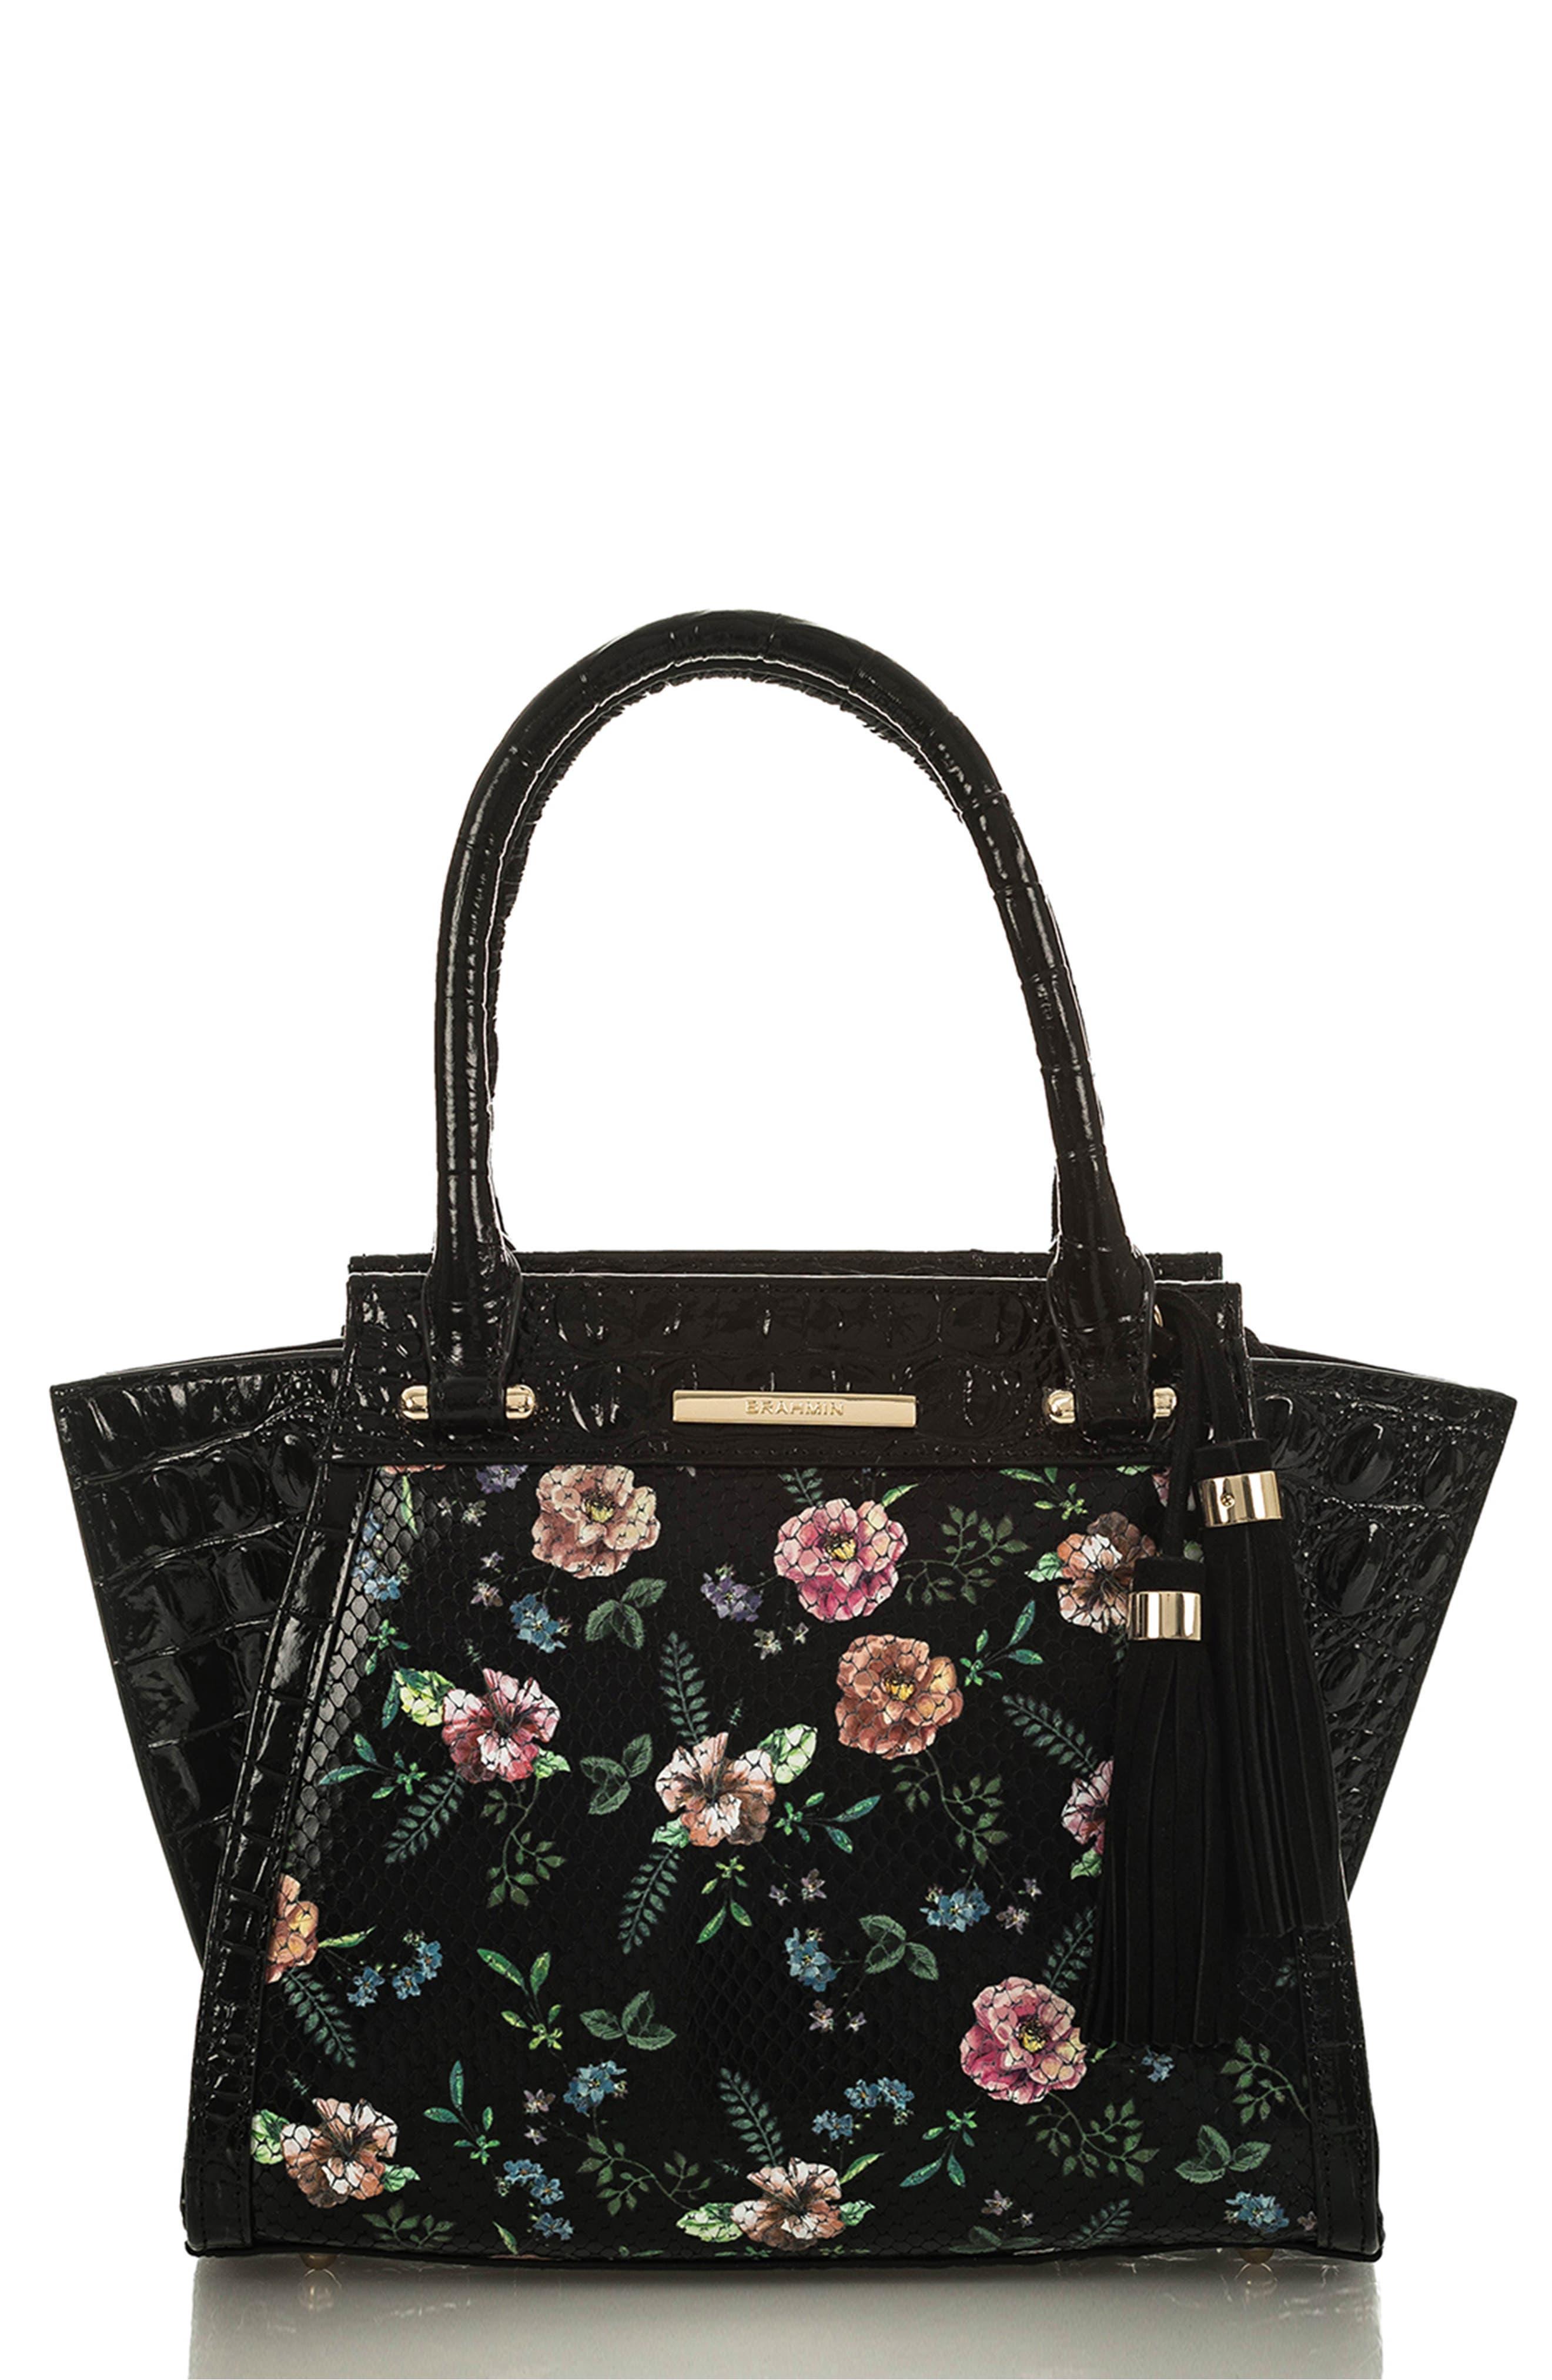 Mini Priscilla Floral Leather Satchel,                             Main thumbnail 1, color,                             BLACK THAMES